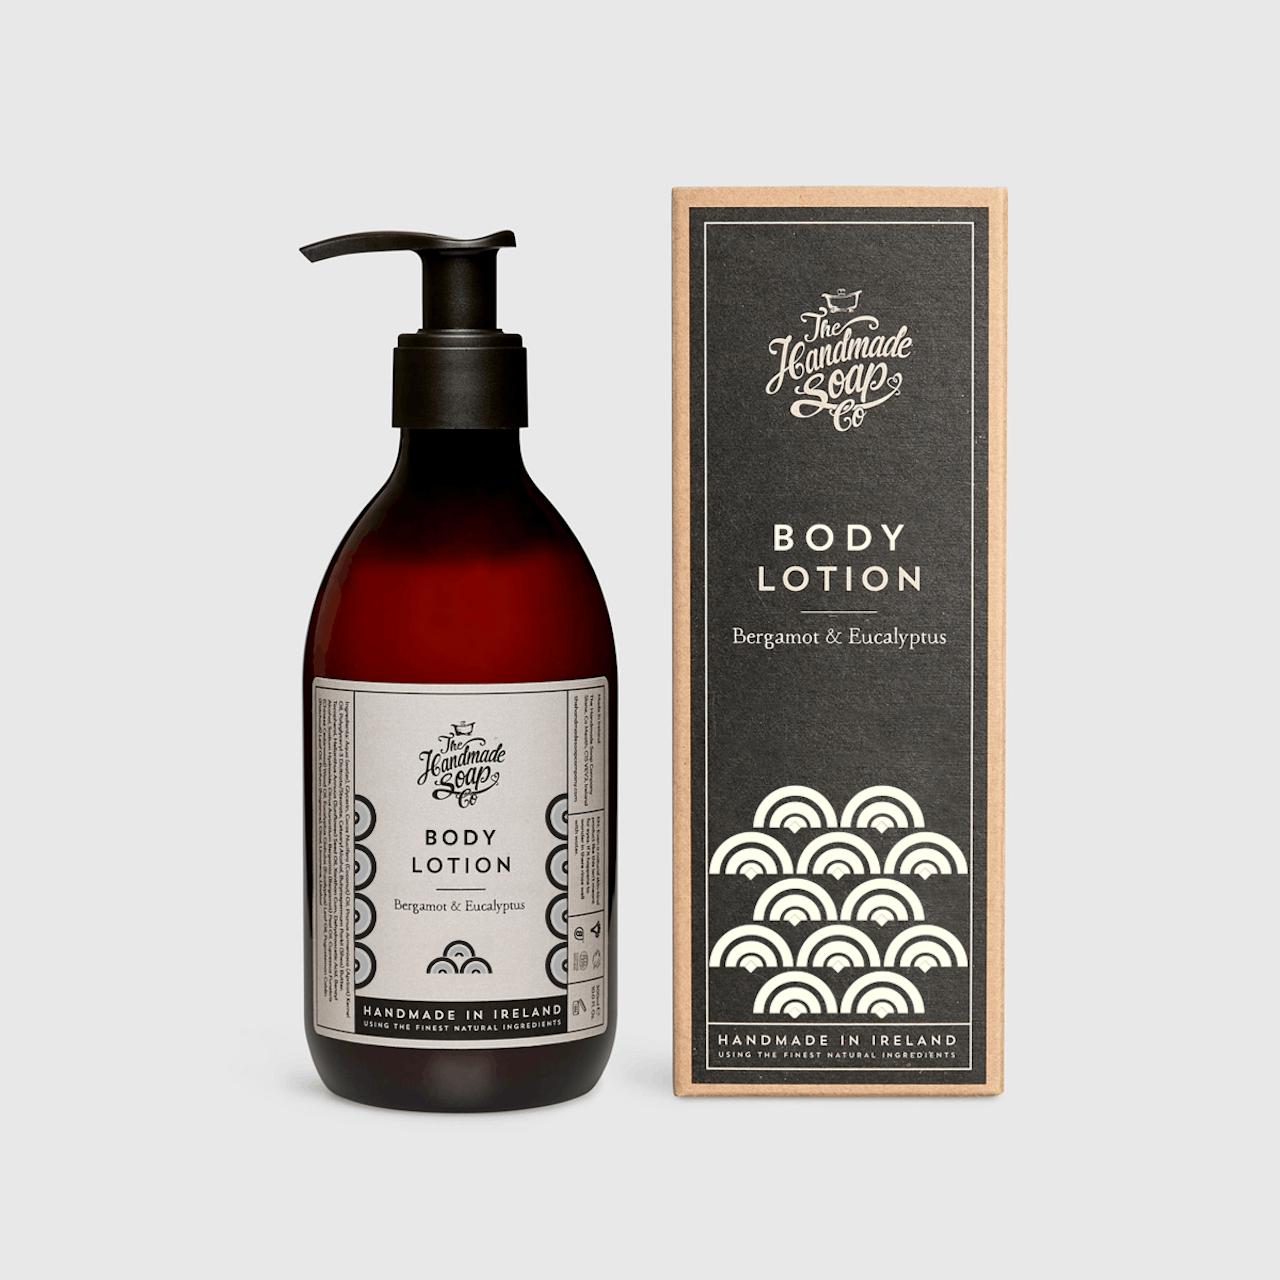 Handmade Soap Company Bergamot & Eucalyptus Body Lotion